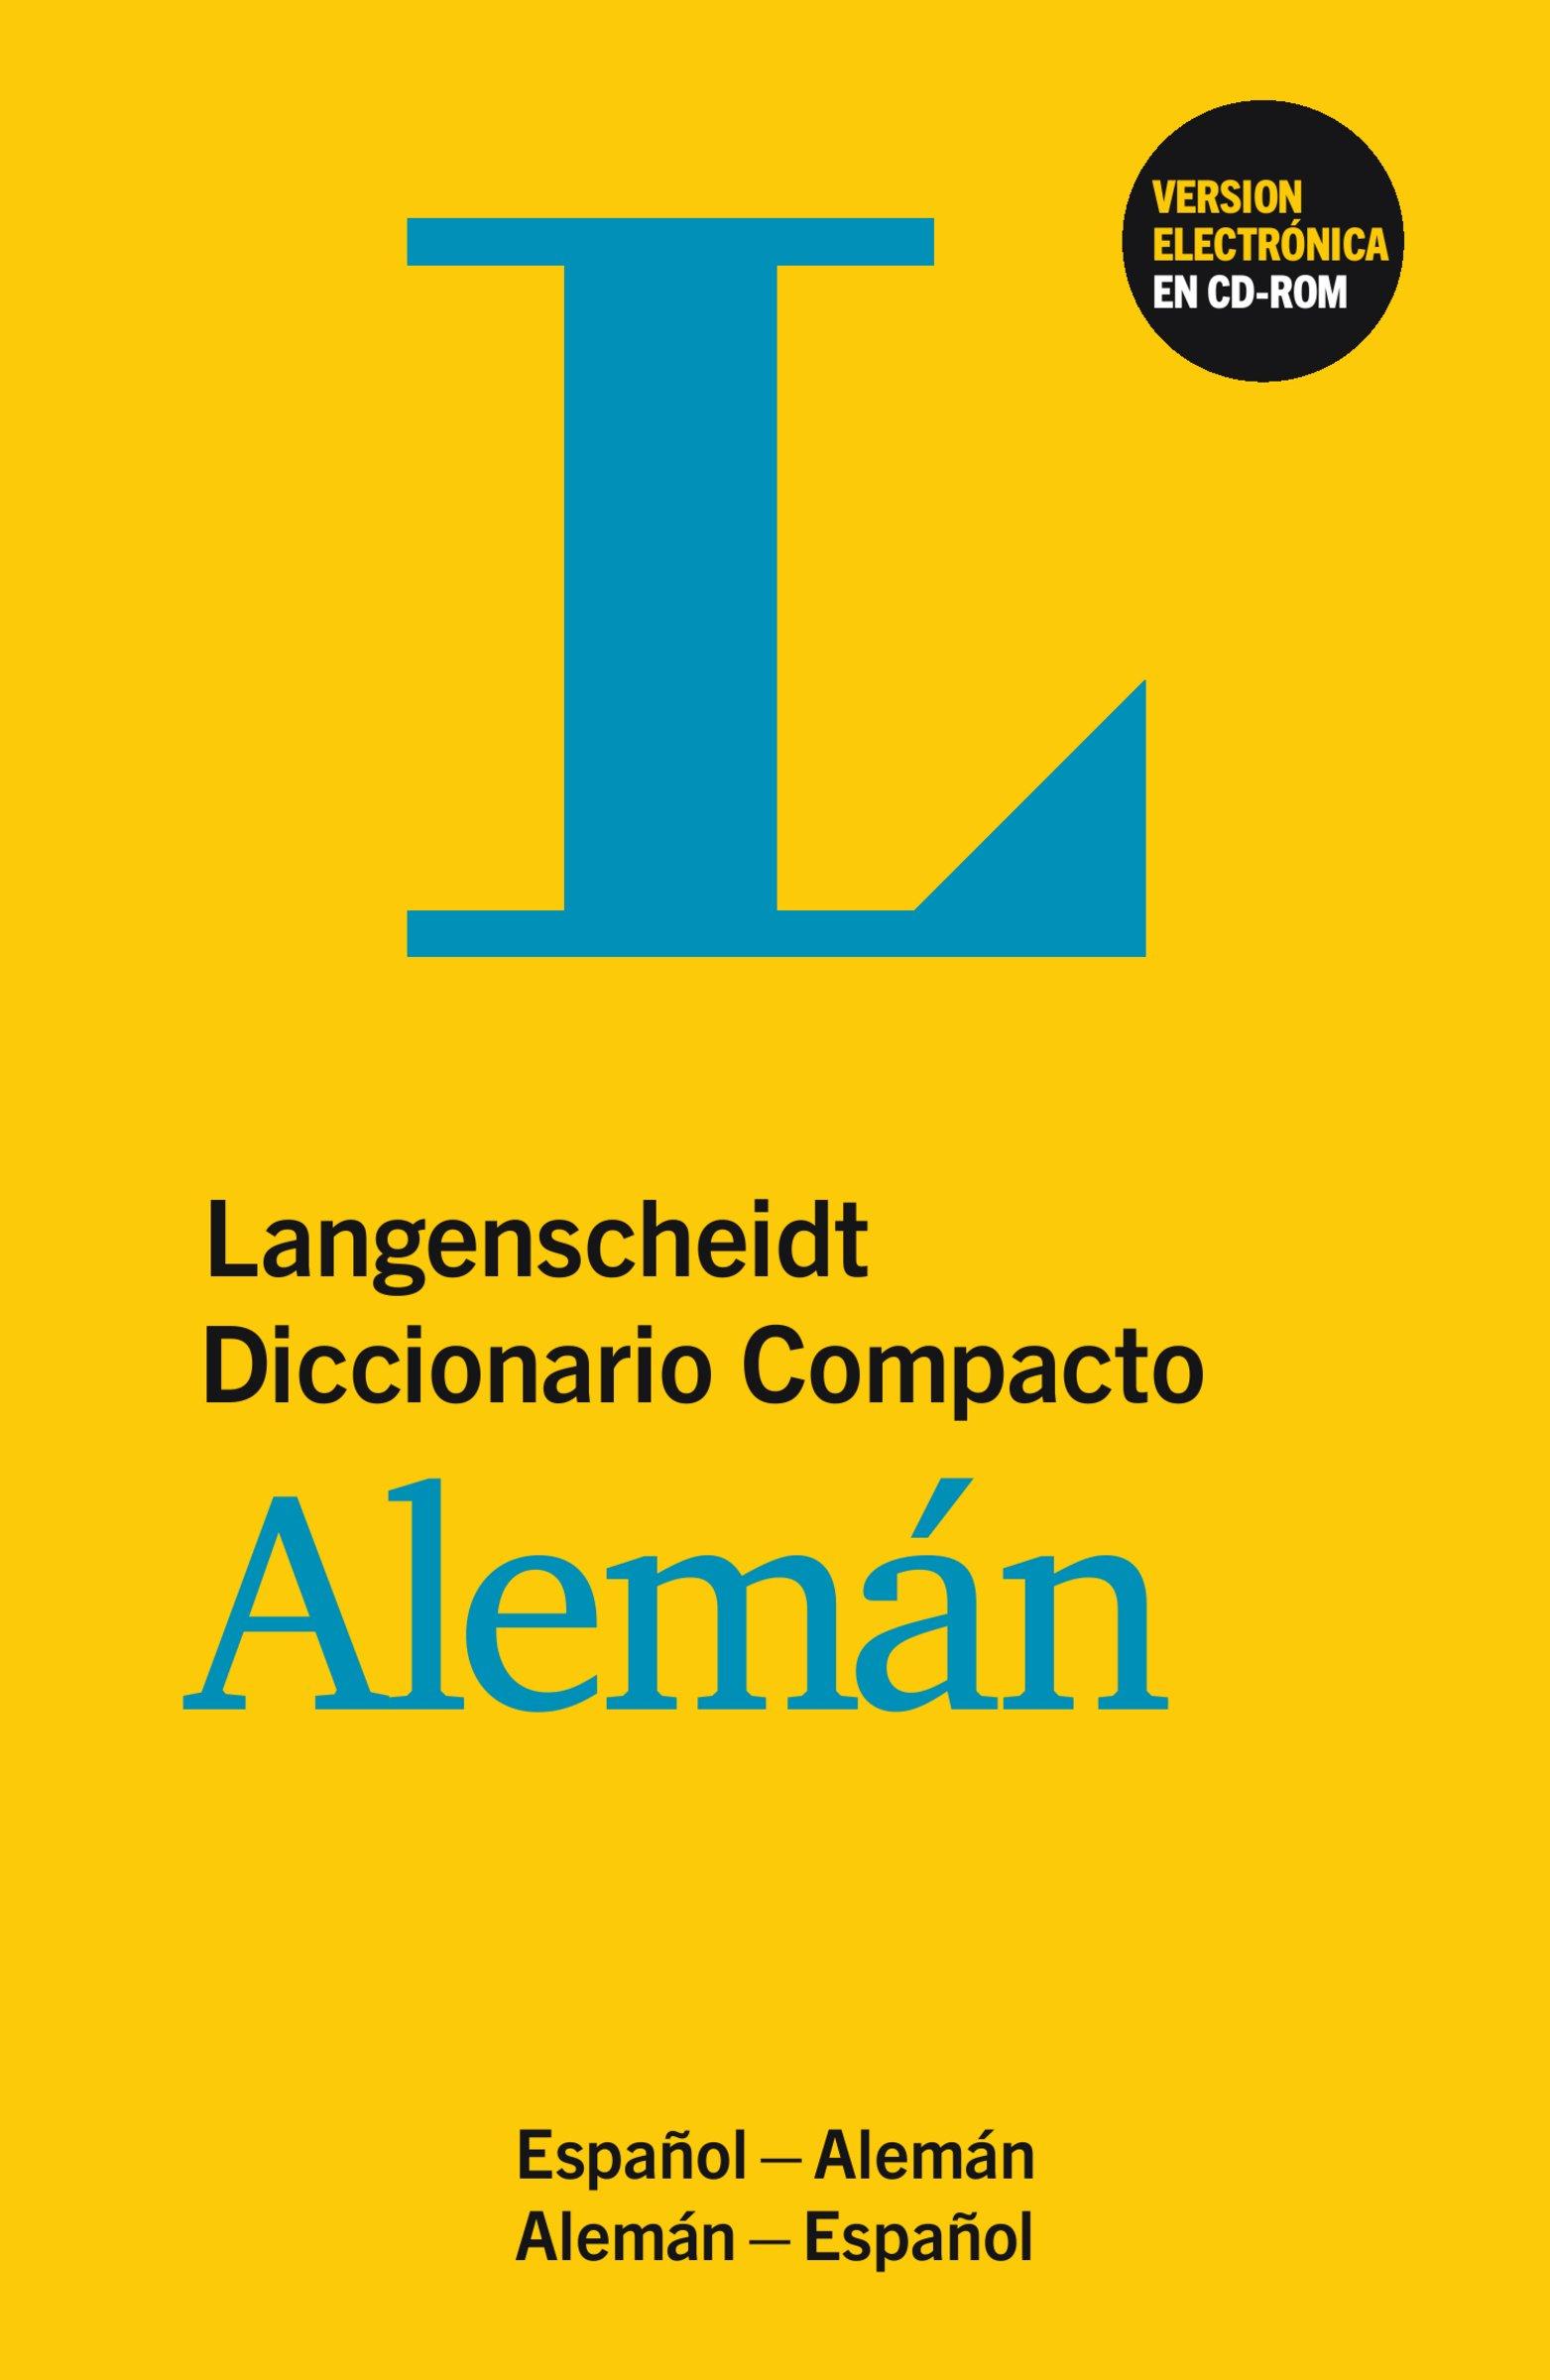 Langenscheidt Diccionario Compacto Alemán   Buch Und CD ROM  Deutsch Spanisch Spanisch Deutsch